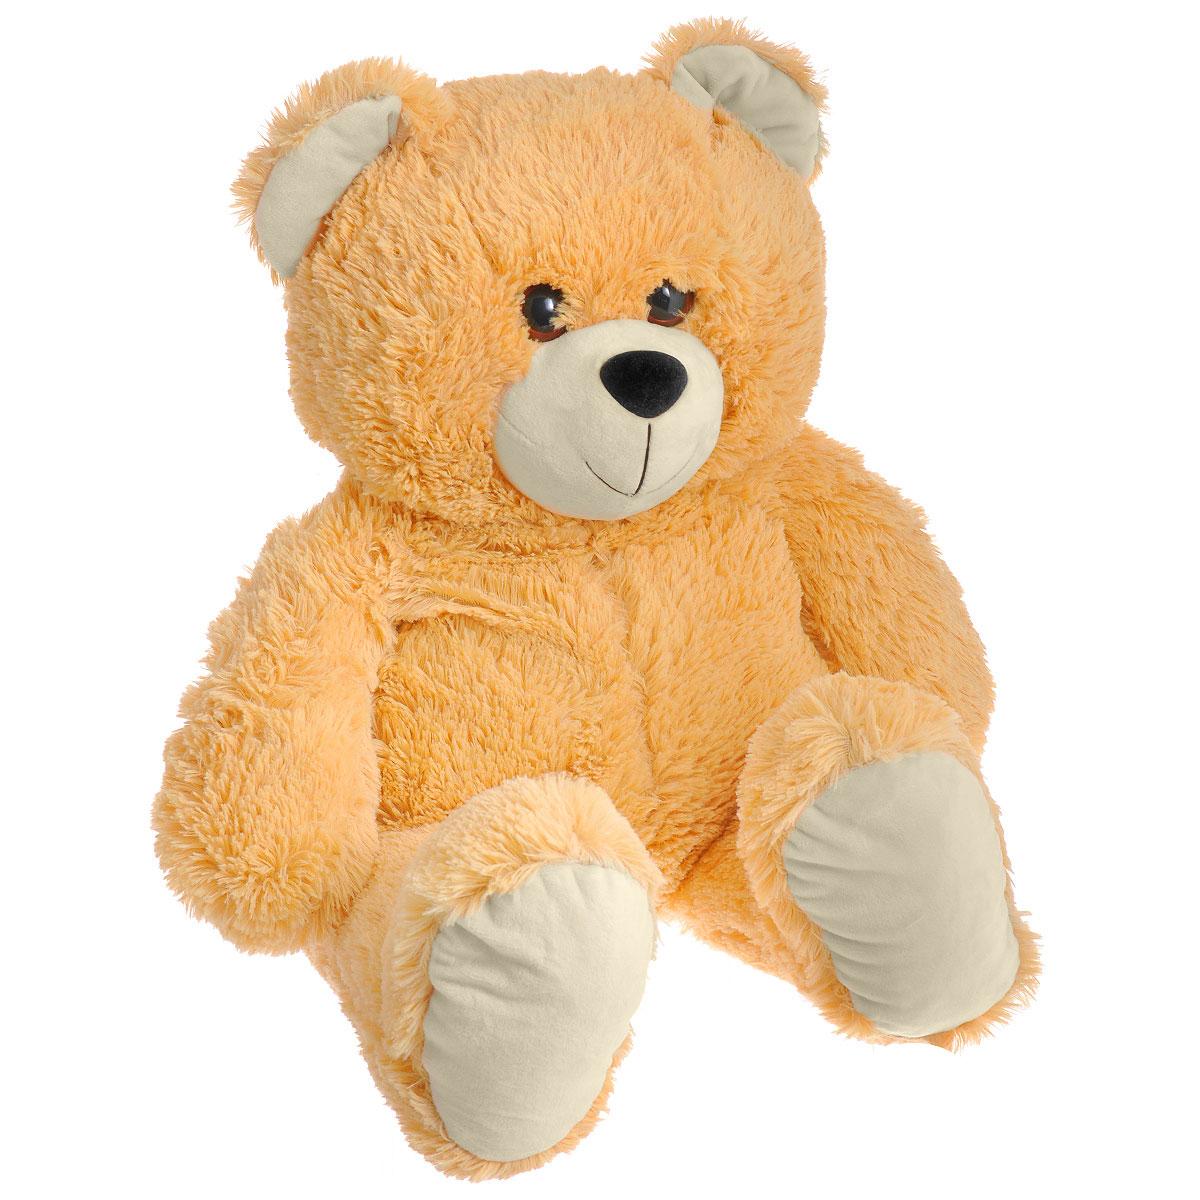 Мягкая игрушка СмолТойс Медведь, 64 см смолтойс мягкая игрушка зайка даша цвет салатовый 41 см